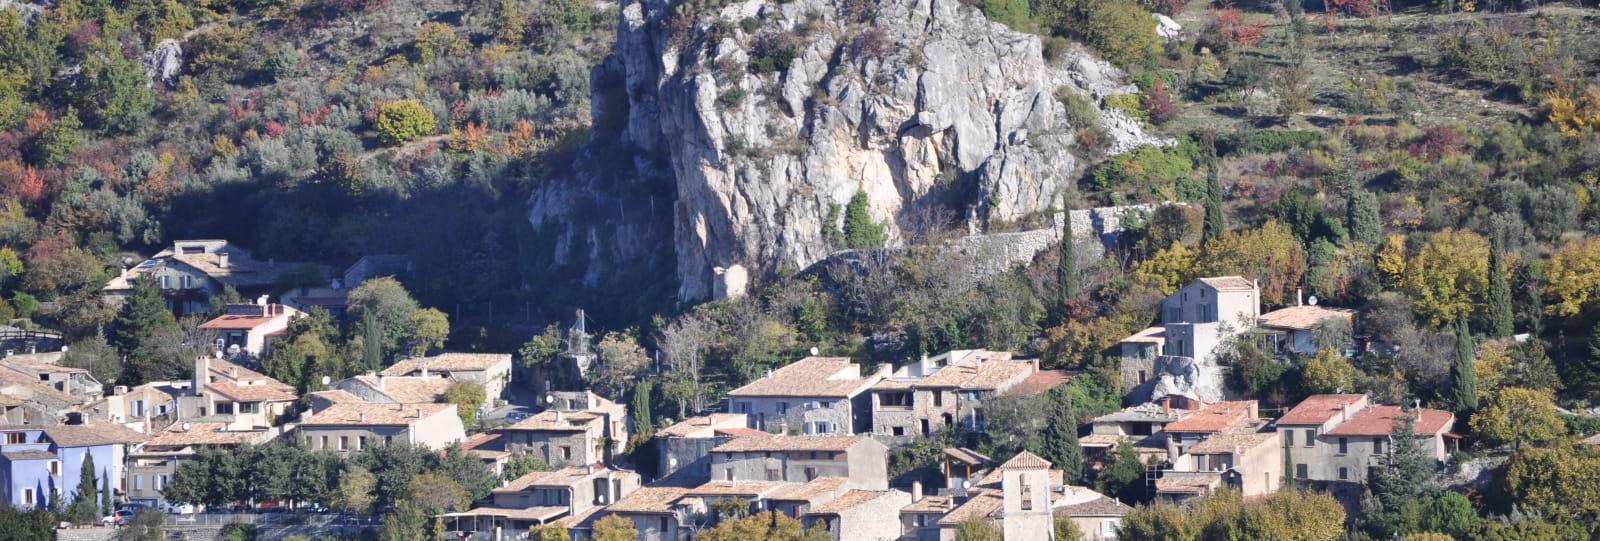 Vue sur le village perché de La Roche-sur-le-Buis